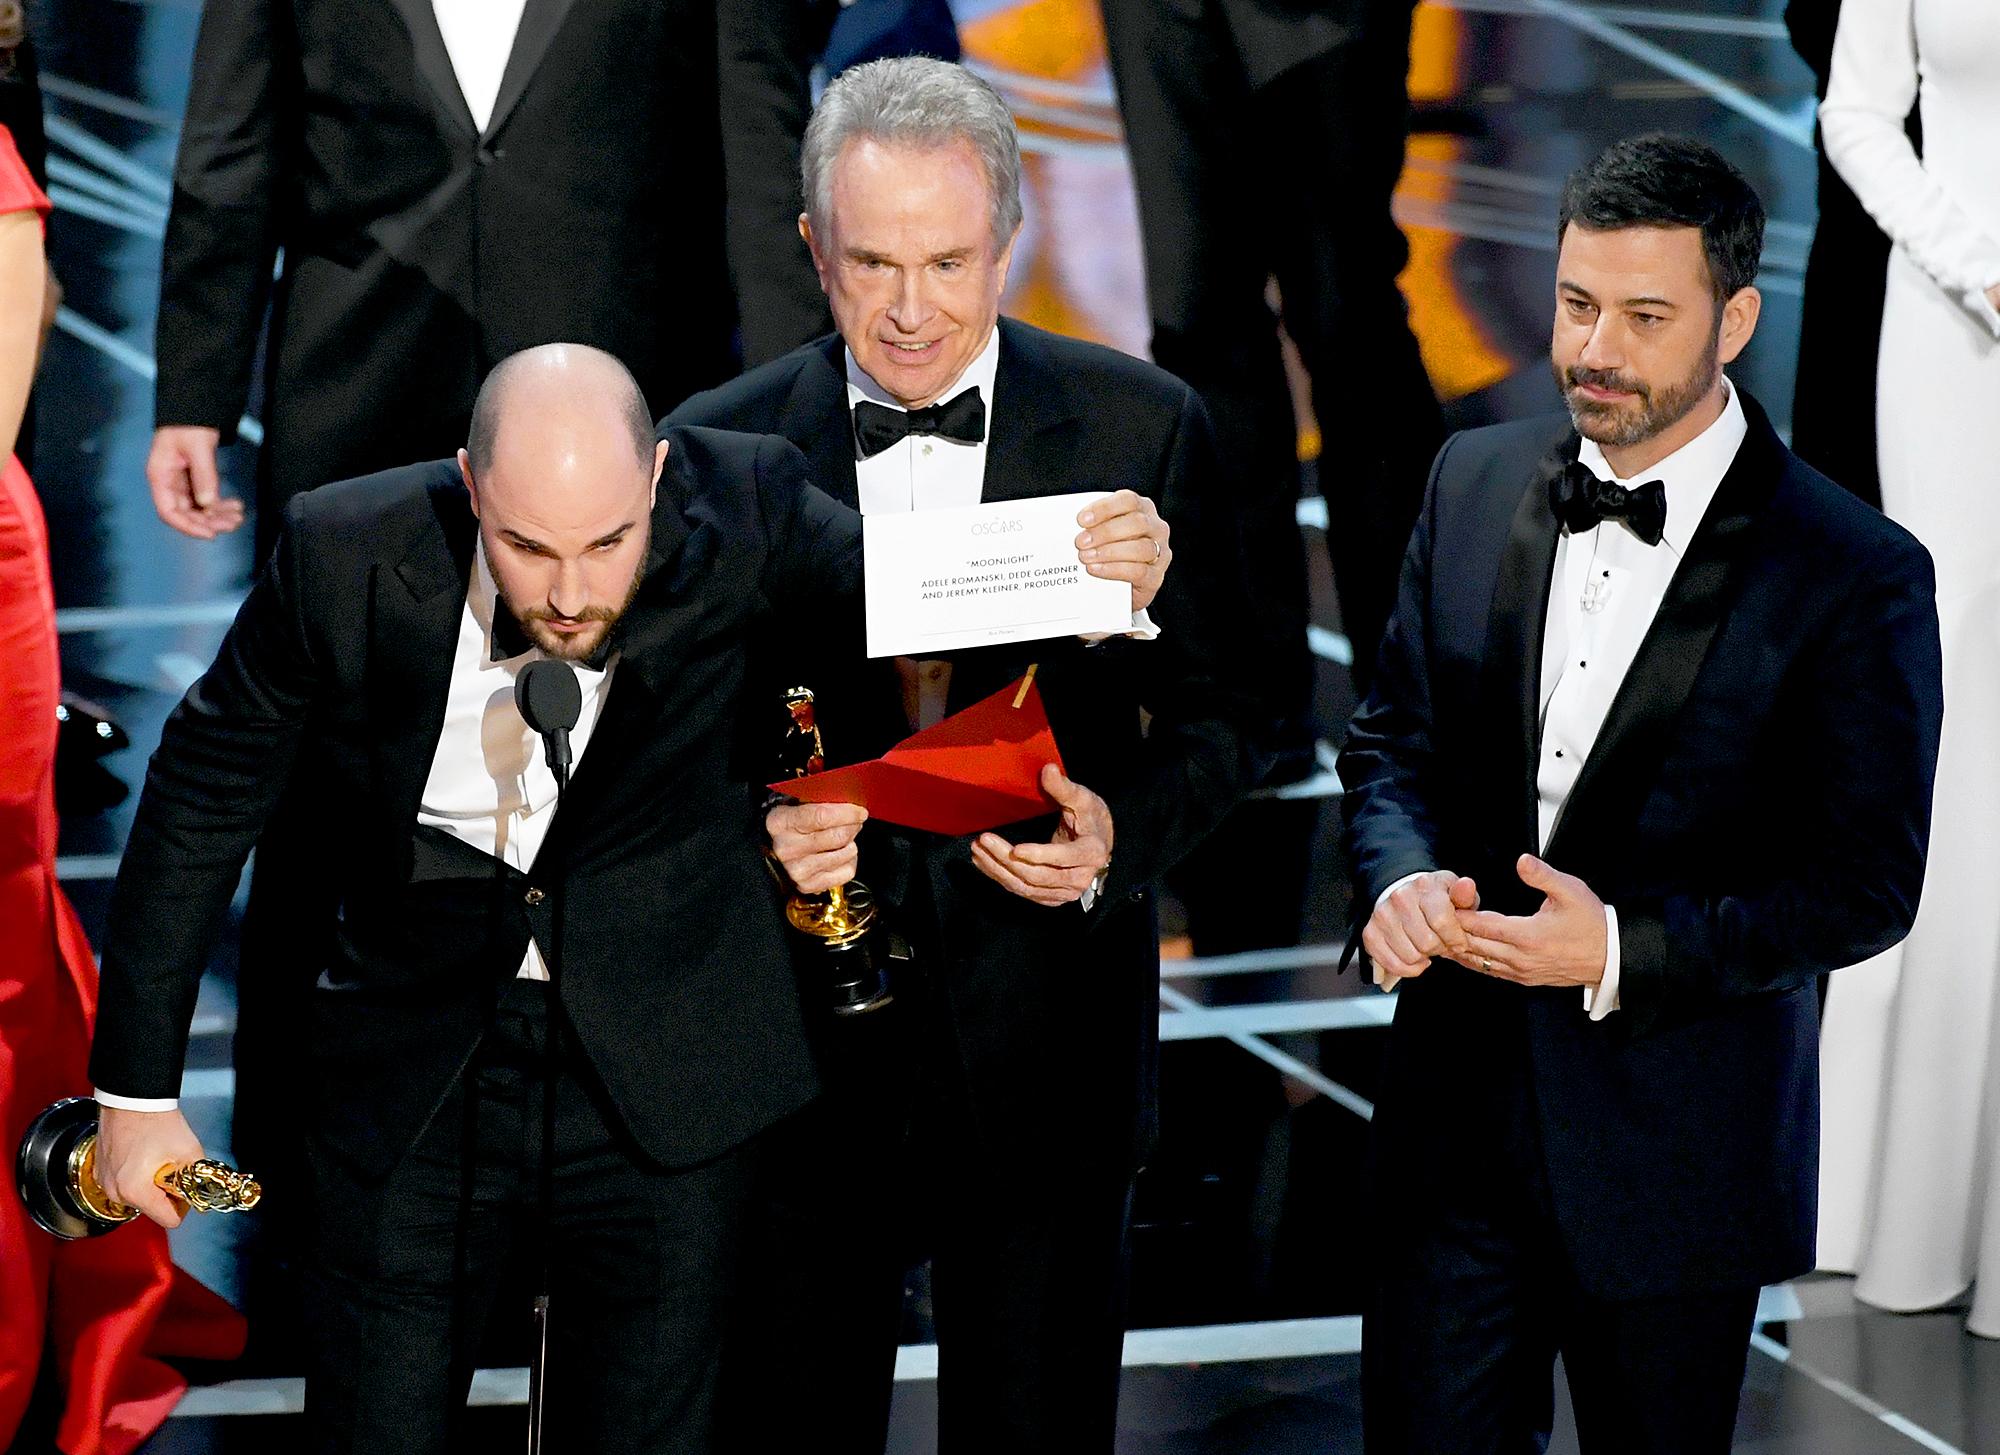 Oscars 2018: Jimmy Kimmel, Warren Beatty Recall Best Picture Mix-Up